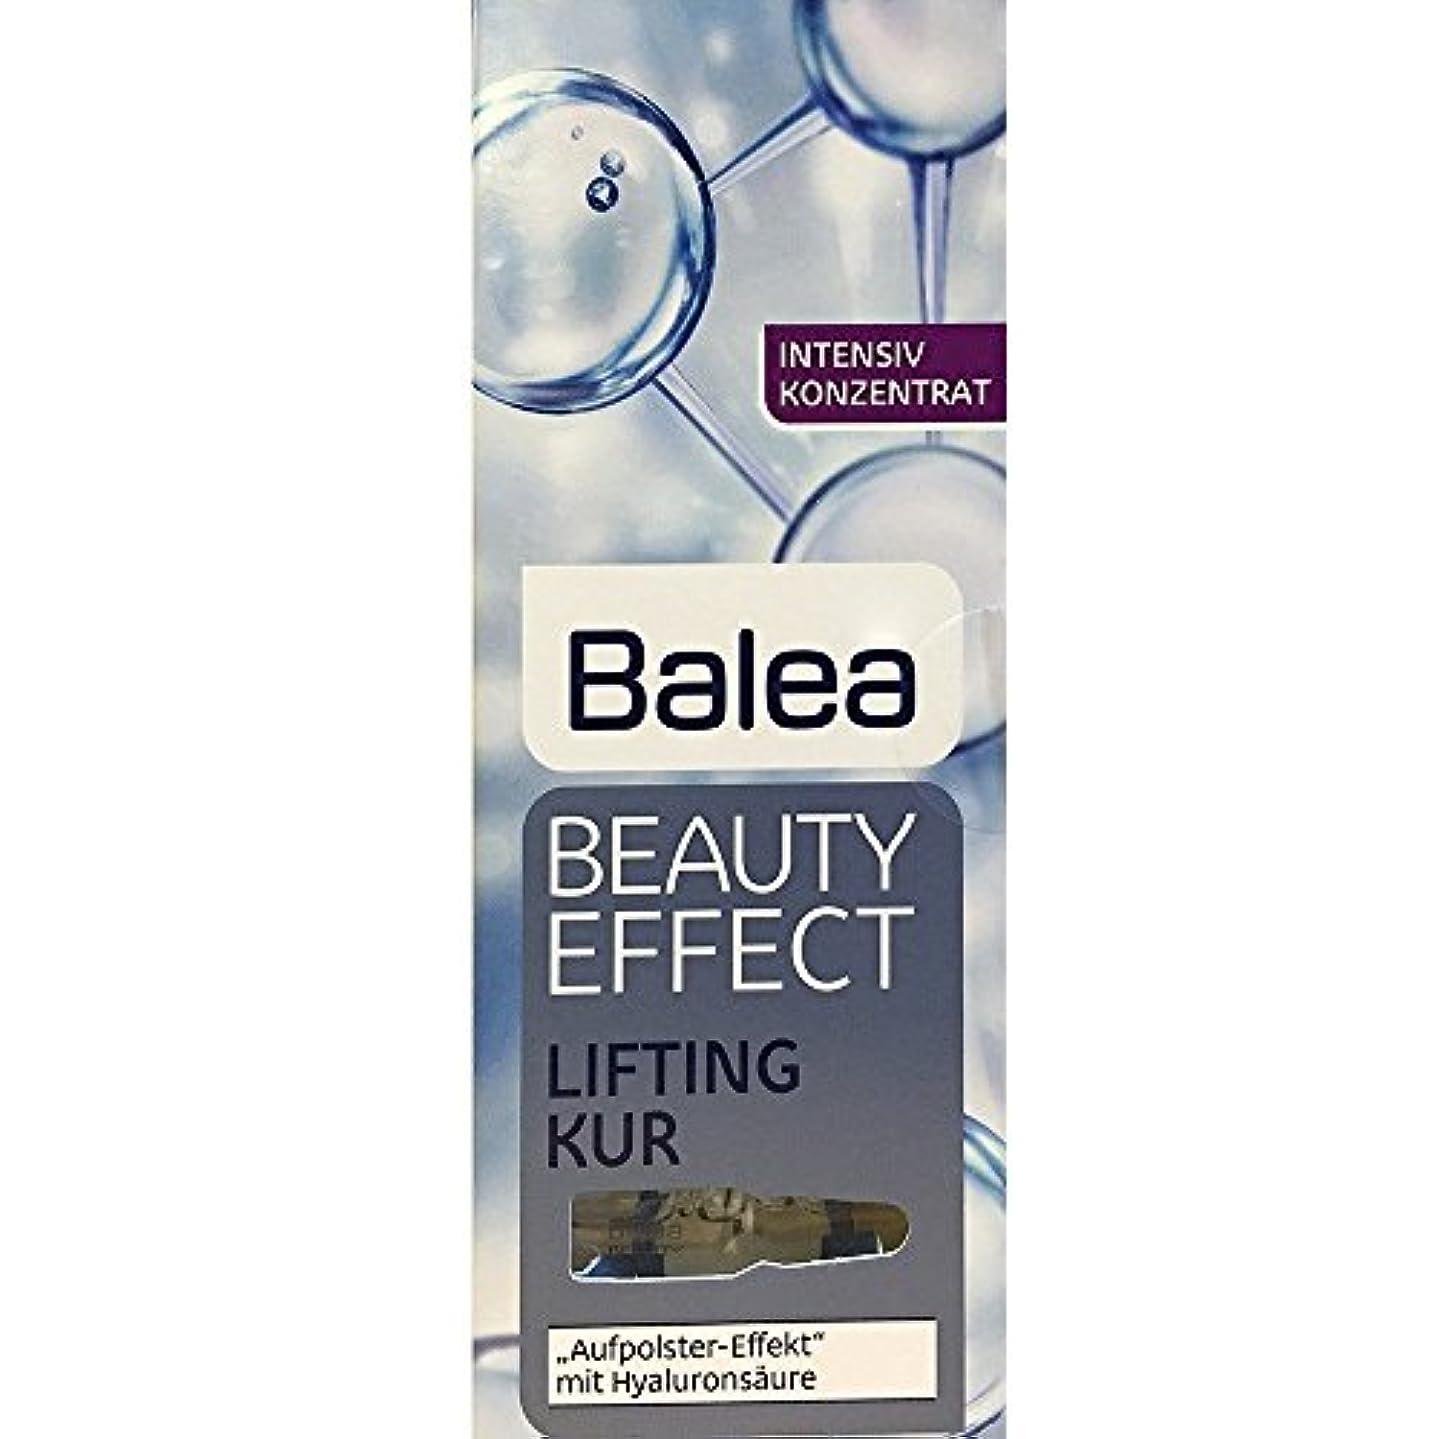 虐殺暴力恒久的Balea Beauty Effect Lifting Kur 7x1ml by Balea